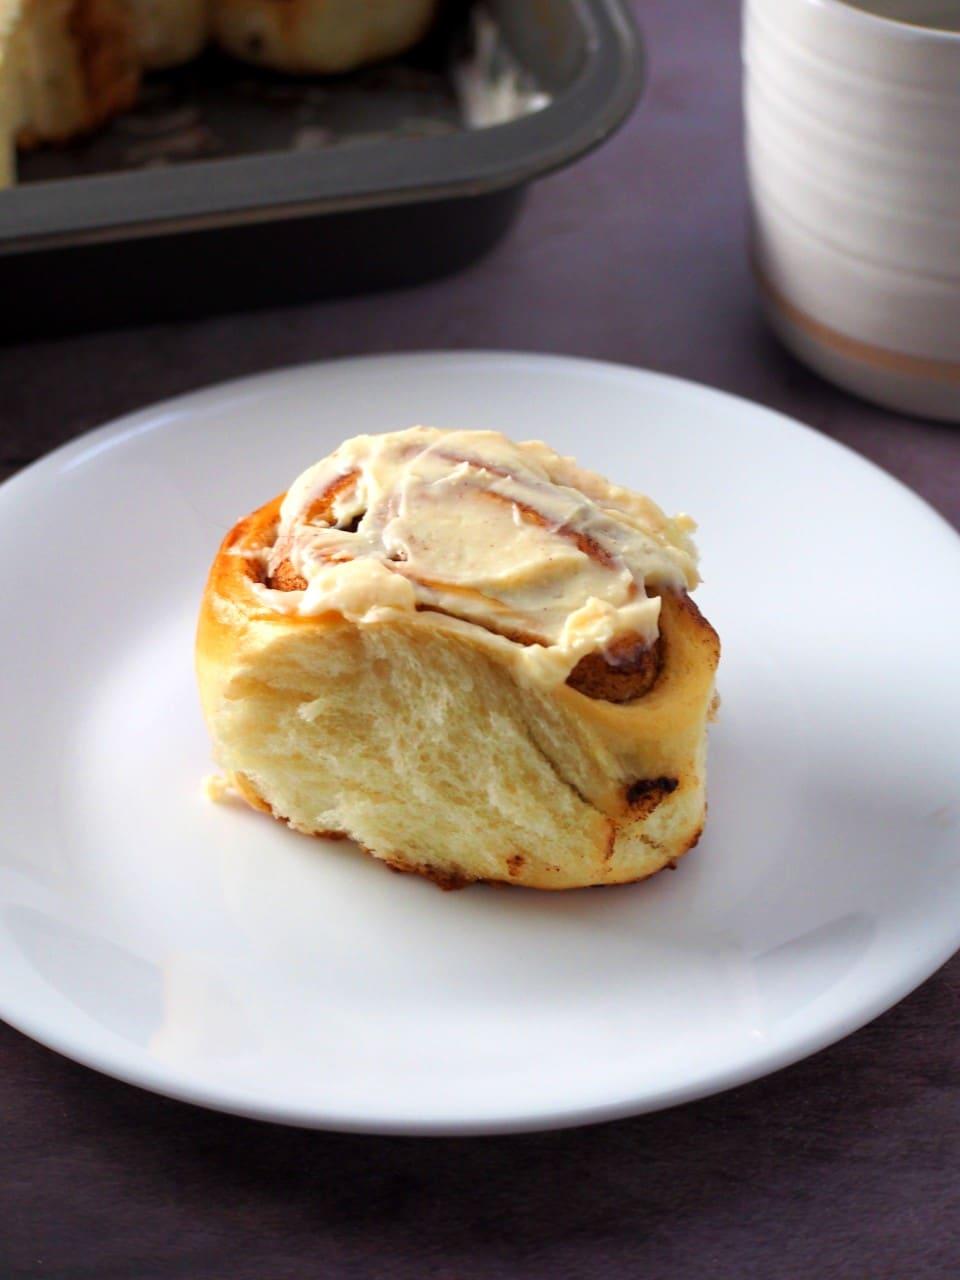 A cinnamon bun on a small plate.